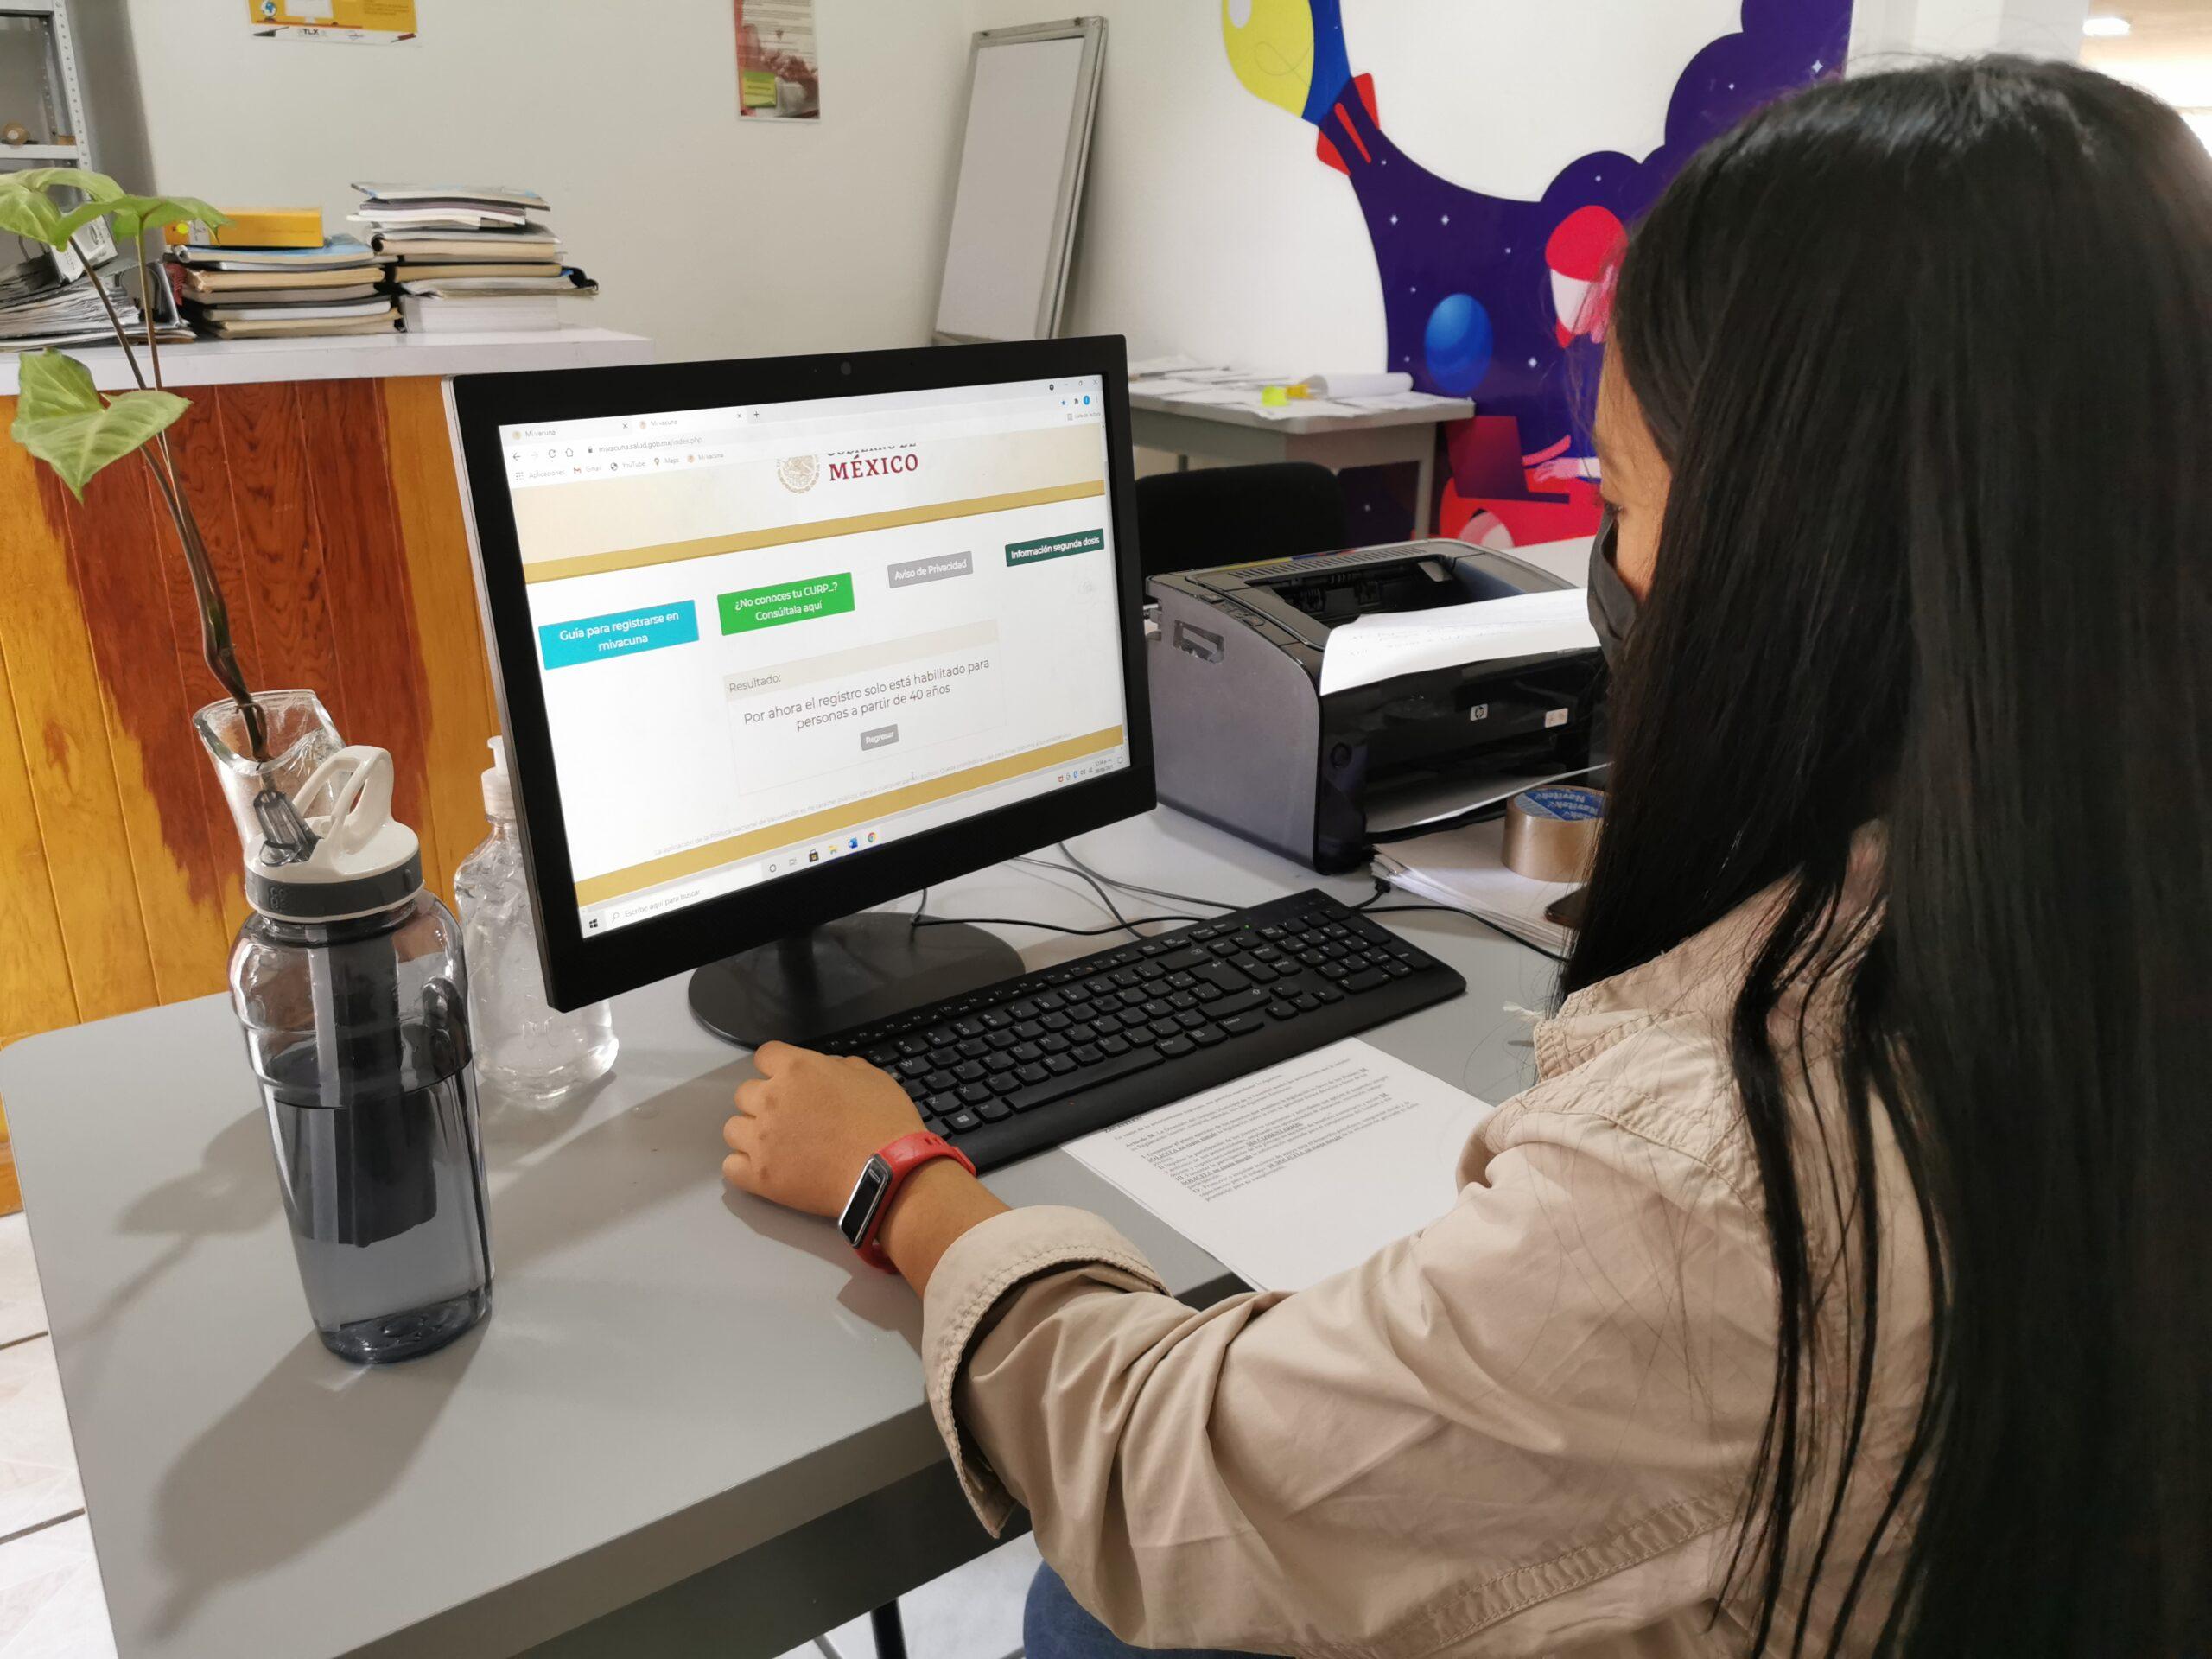 Registra Zacatelco a personas mayores de 40 años y mujeres embarazadas para recibir vacuna contra Covid-19.